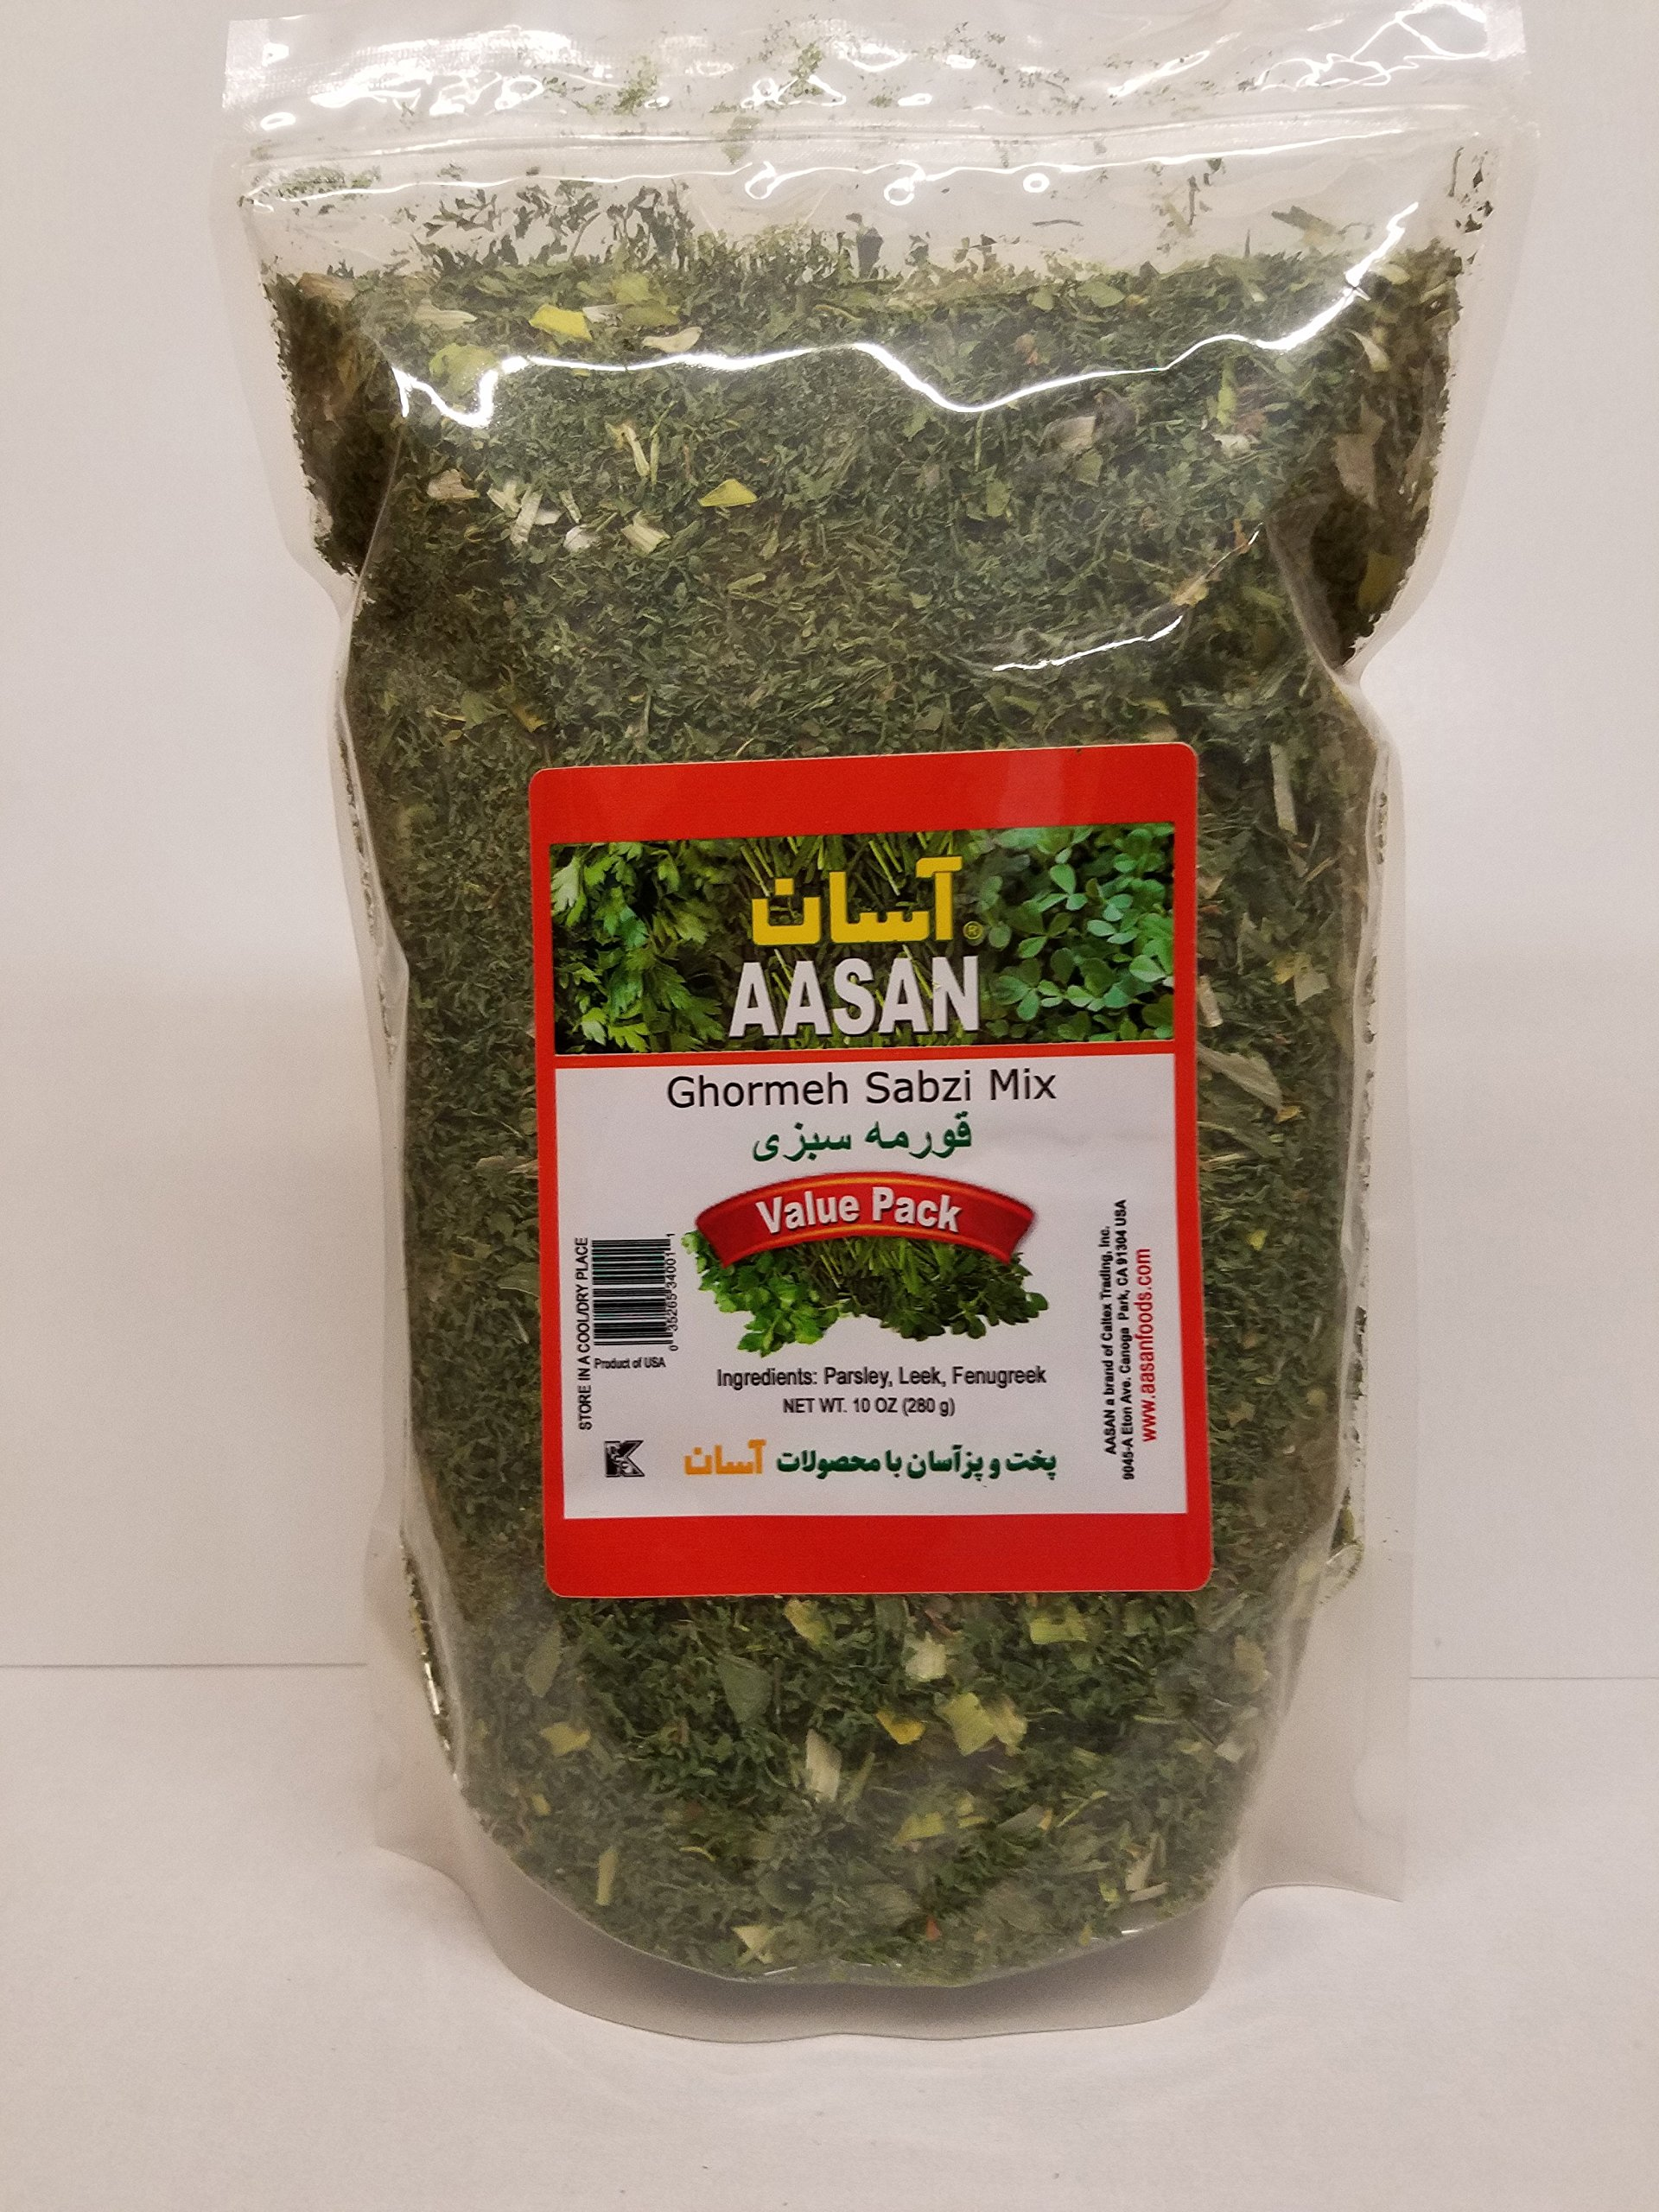 AASAN Ghormeh Sabzi''VALUE PACK'' 10 oz - Pack of 1 by AASAN